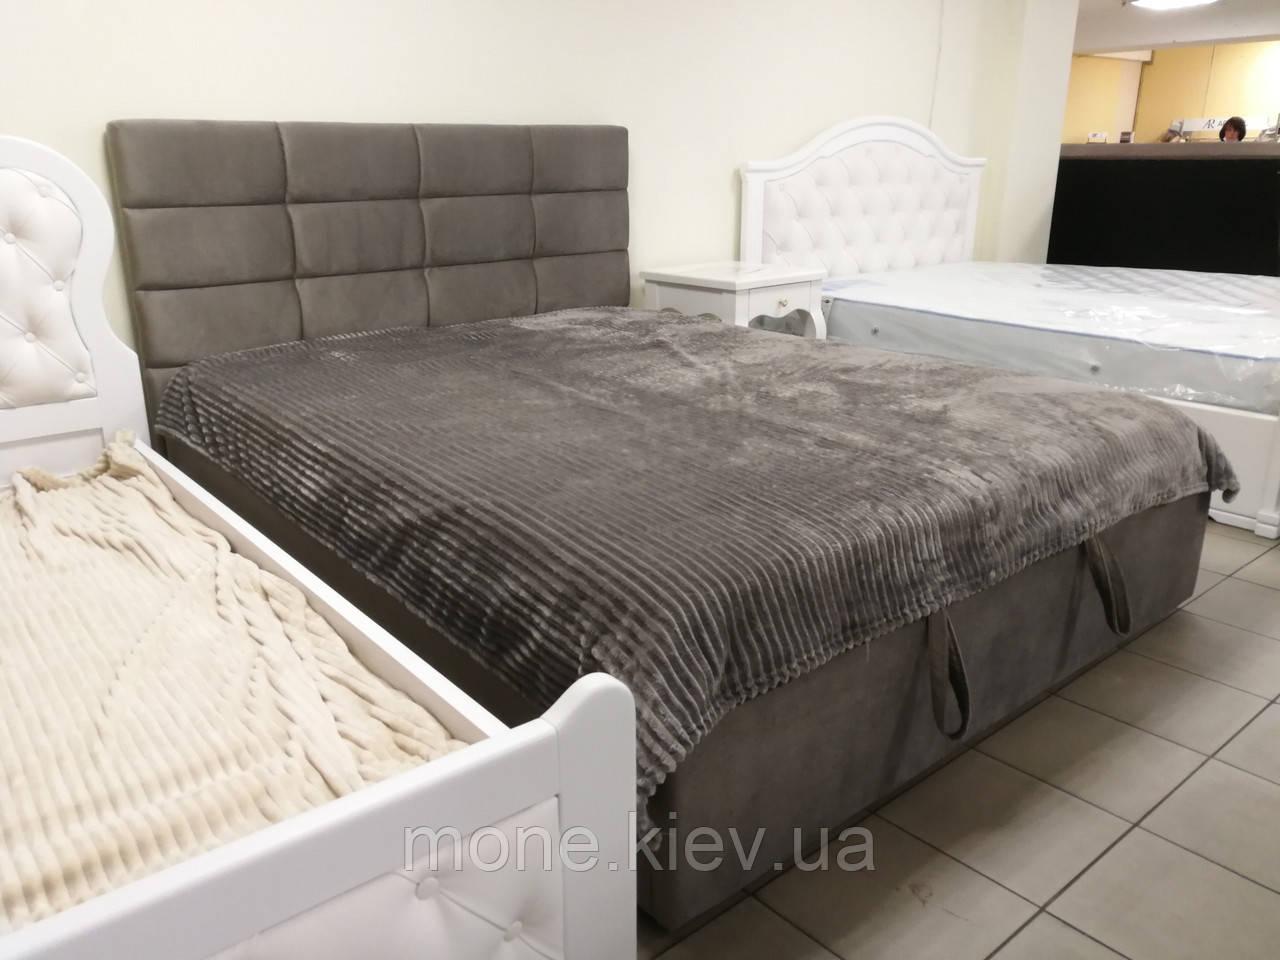 Кровать с мягким изголовьем Рим велюр